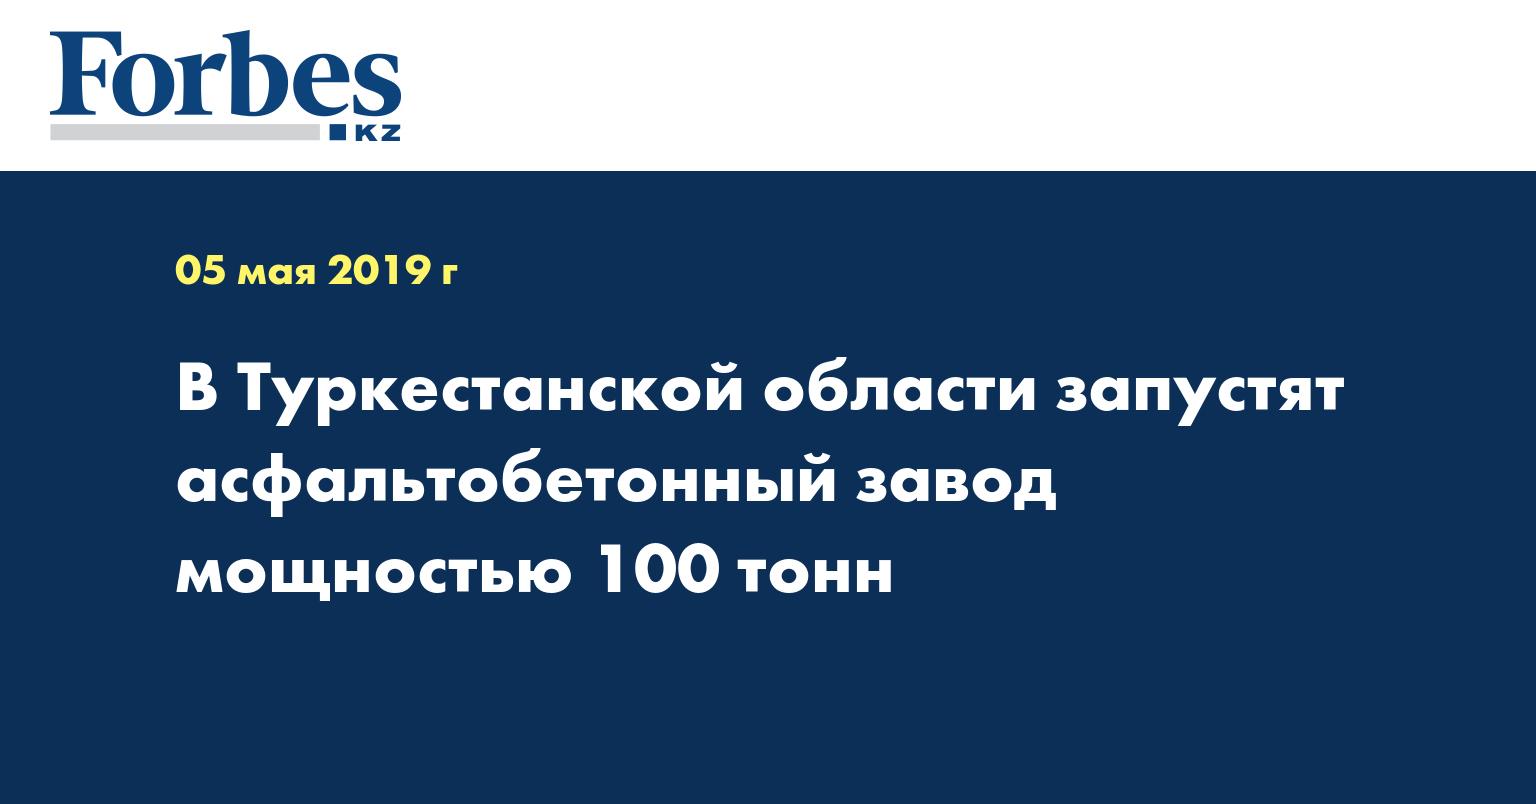 В Туркестанской области запустят асфальтобетонный завод мощностью 100 тонн